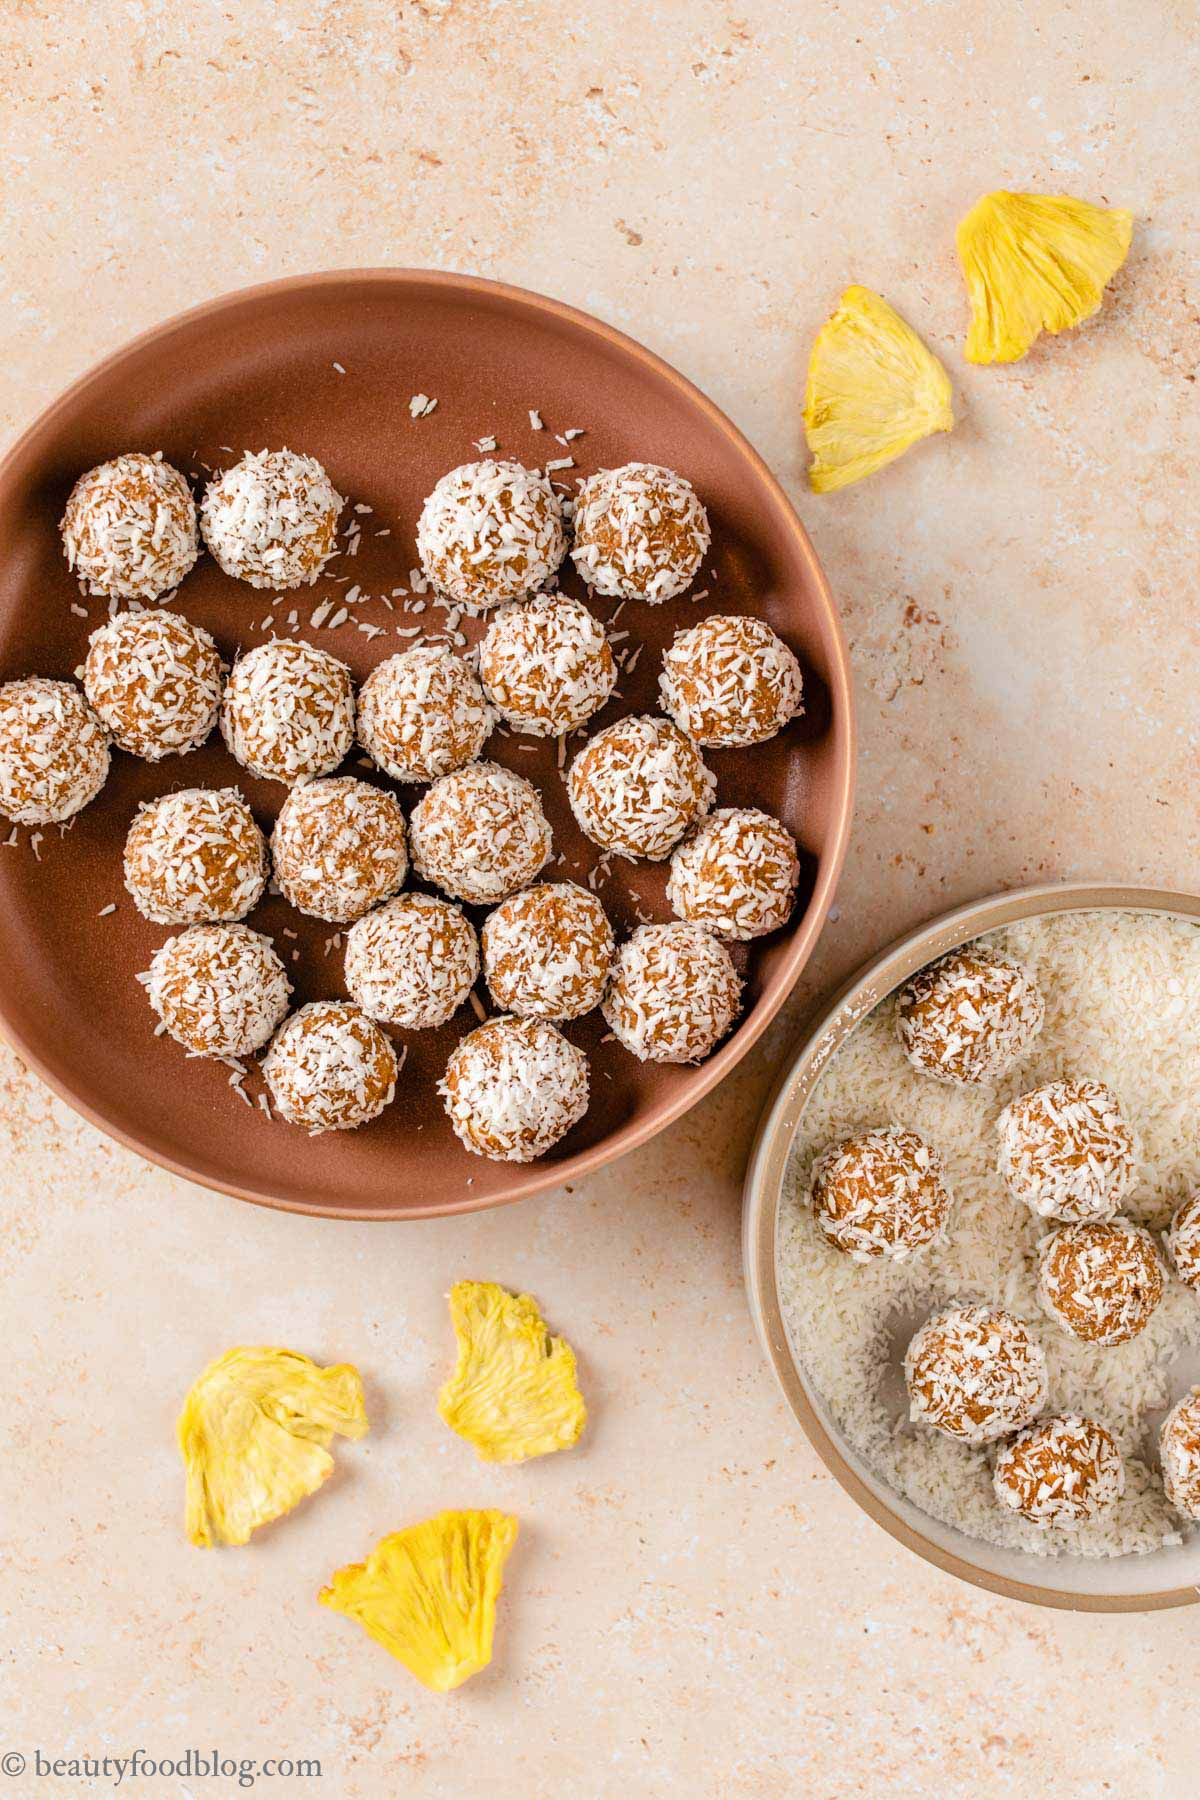 come fare le energy balls alle carote senza frutta secca senza zuccheri aggiunti how to make no-bake nut-free healthy vegan carrot cake bites recipe